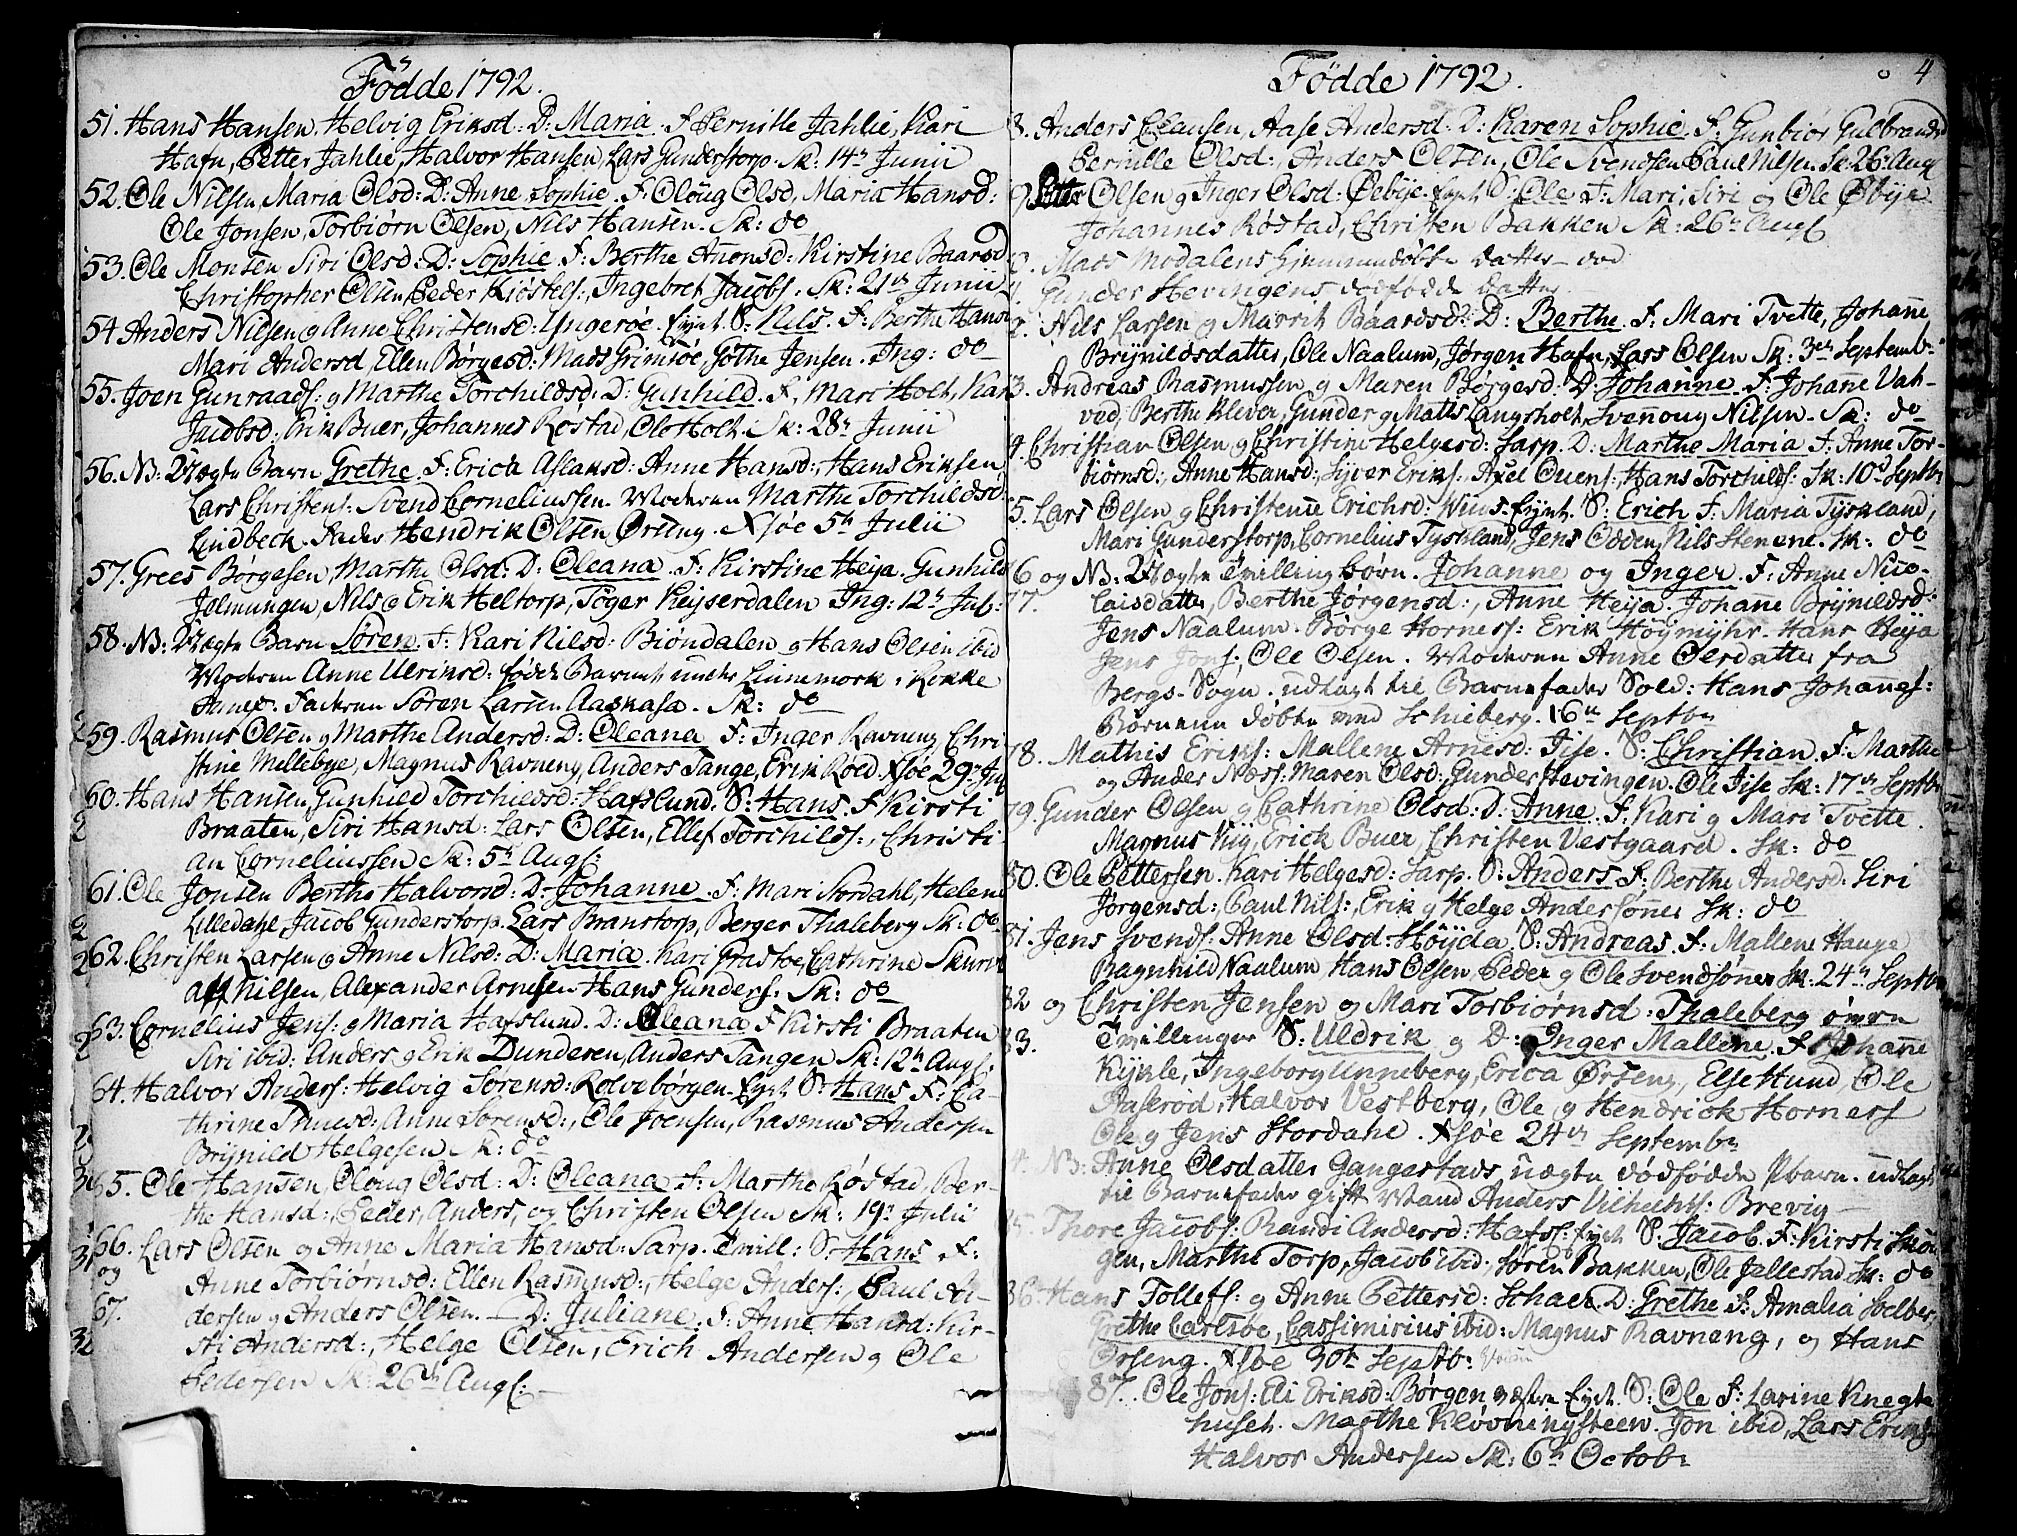 SAO, Skjeberg prestekontor Kirkebøker, F/Fa/L0003: Ministerialbok nr. I 3, 1792-1814, s. 4